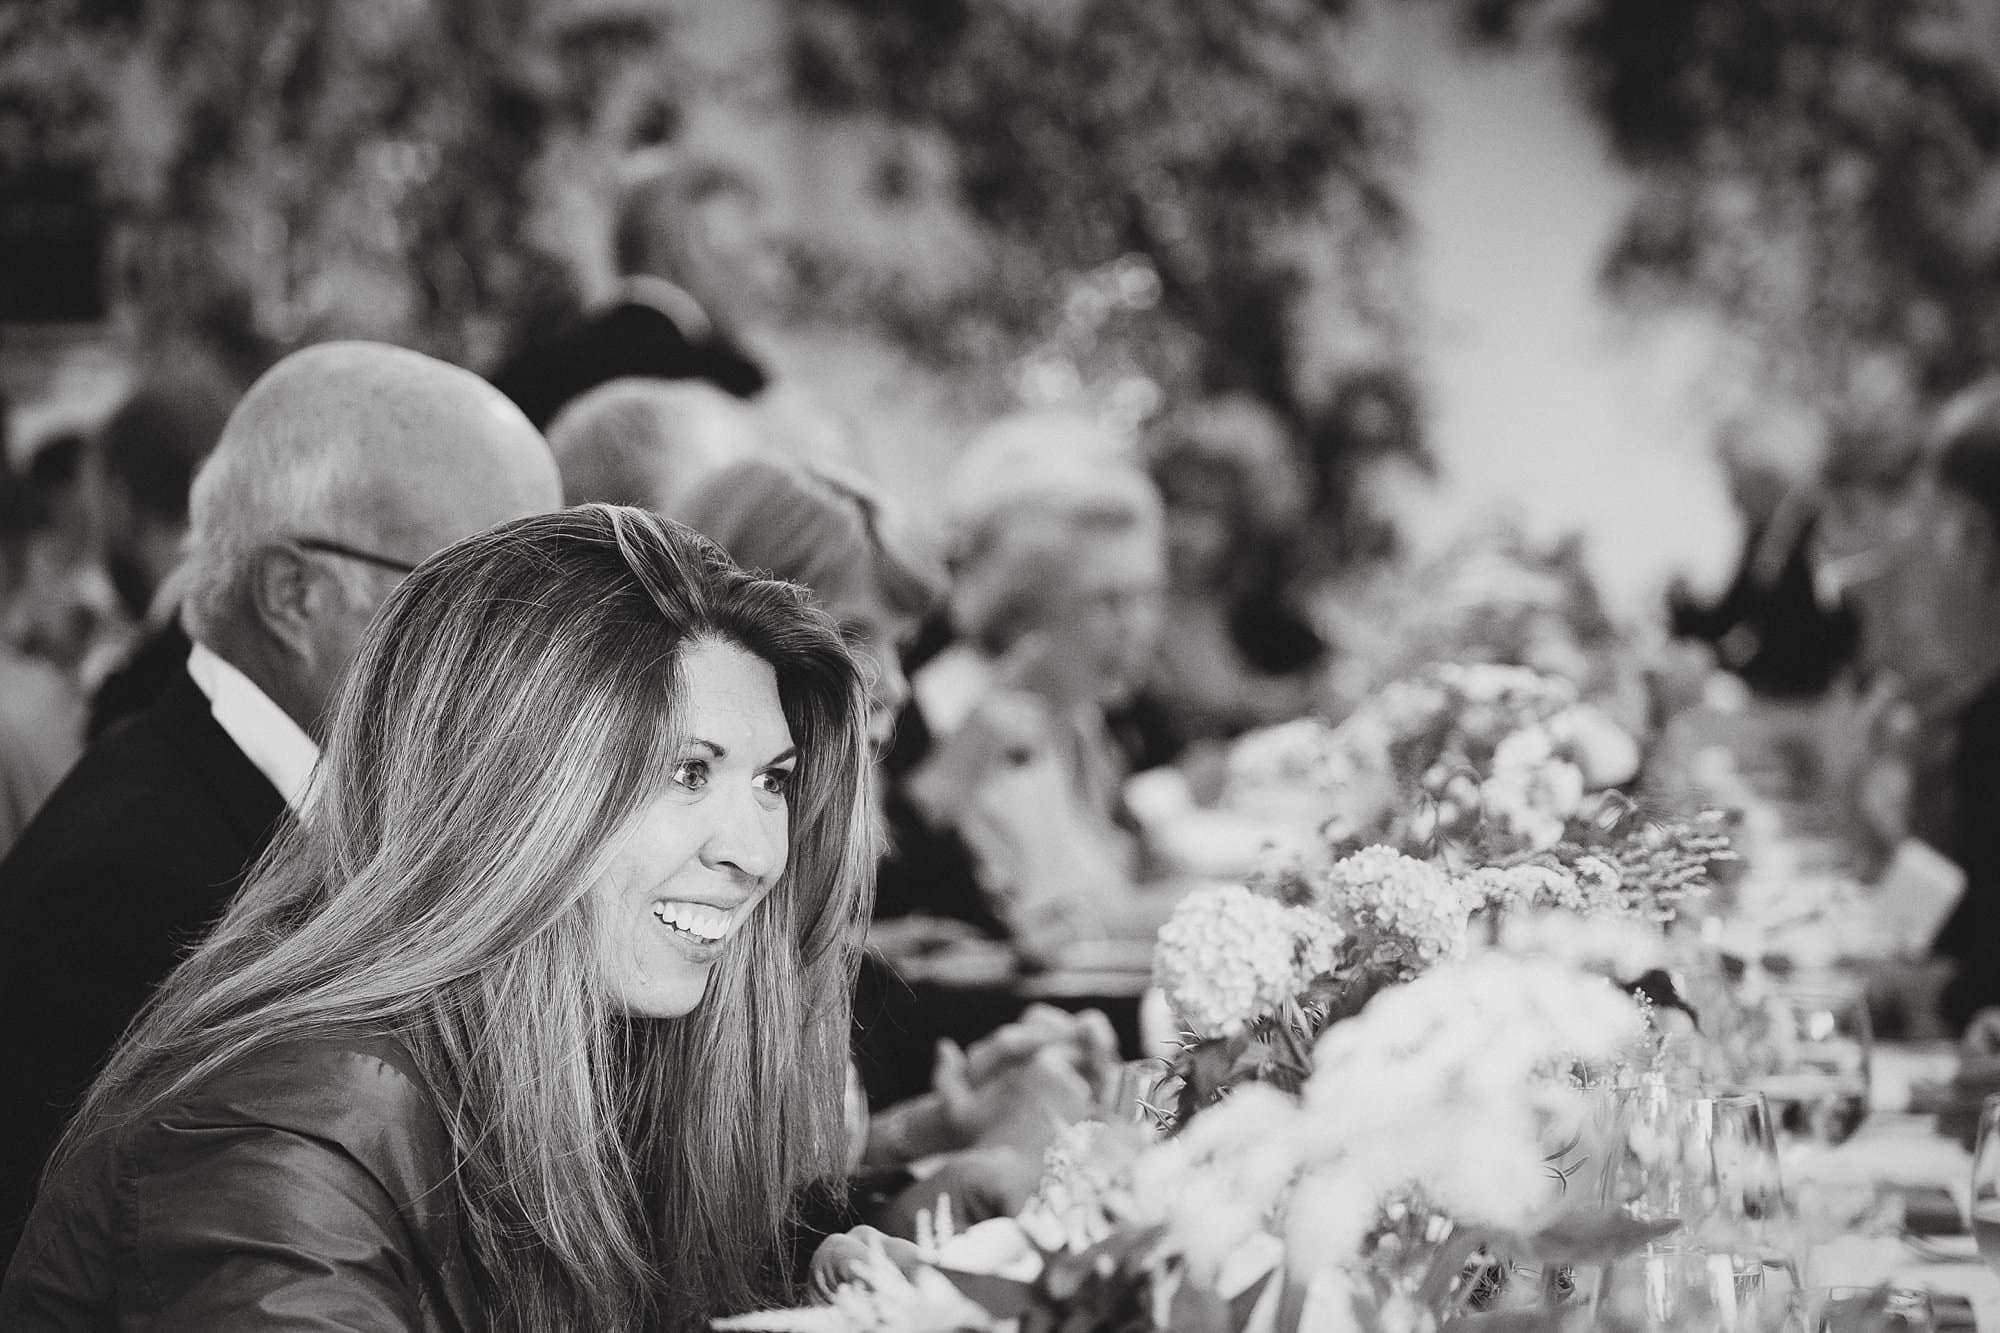 fulham palace wedding photographer 072 - Rosanna + Duncan | Fulham